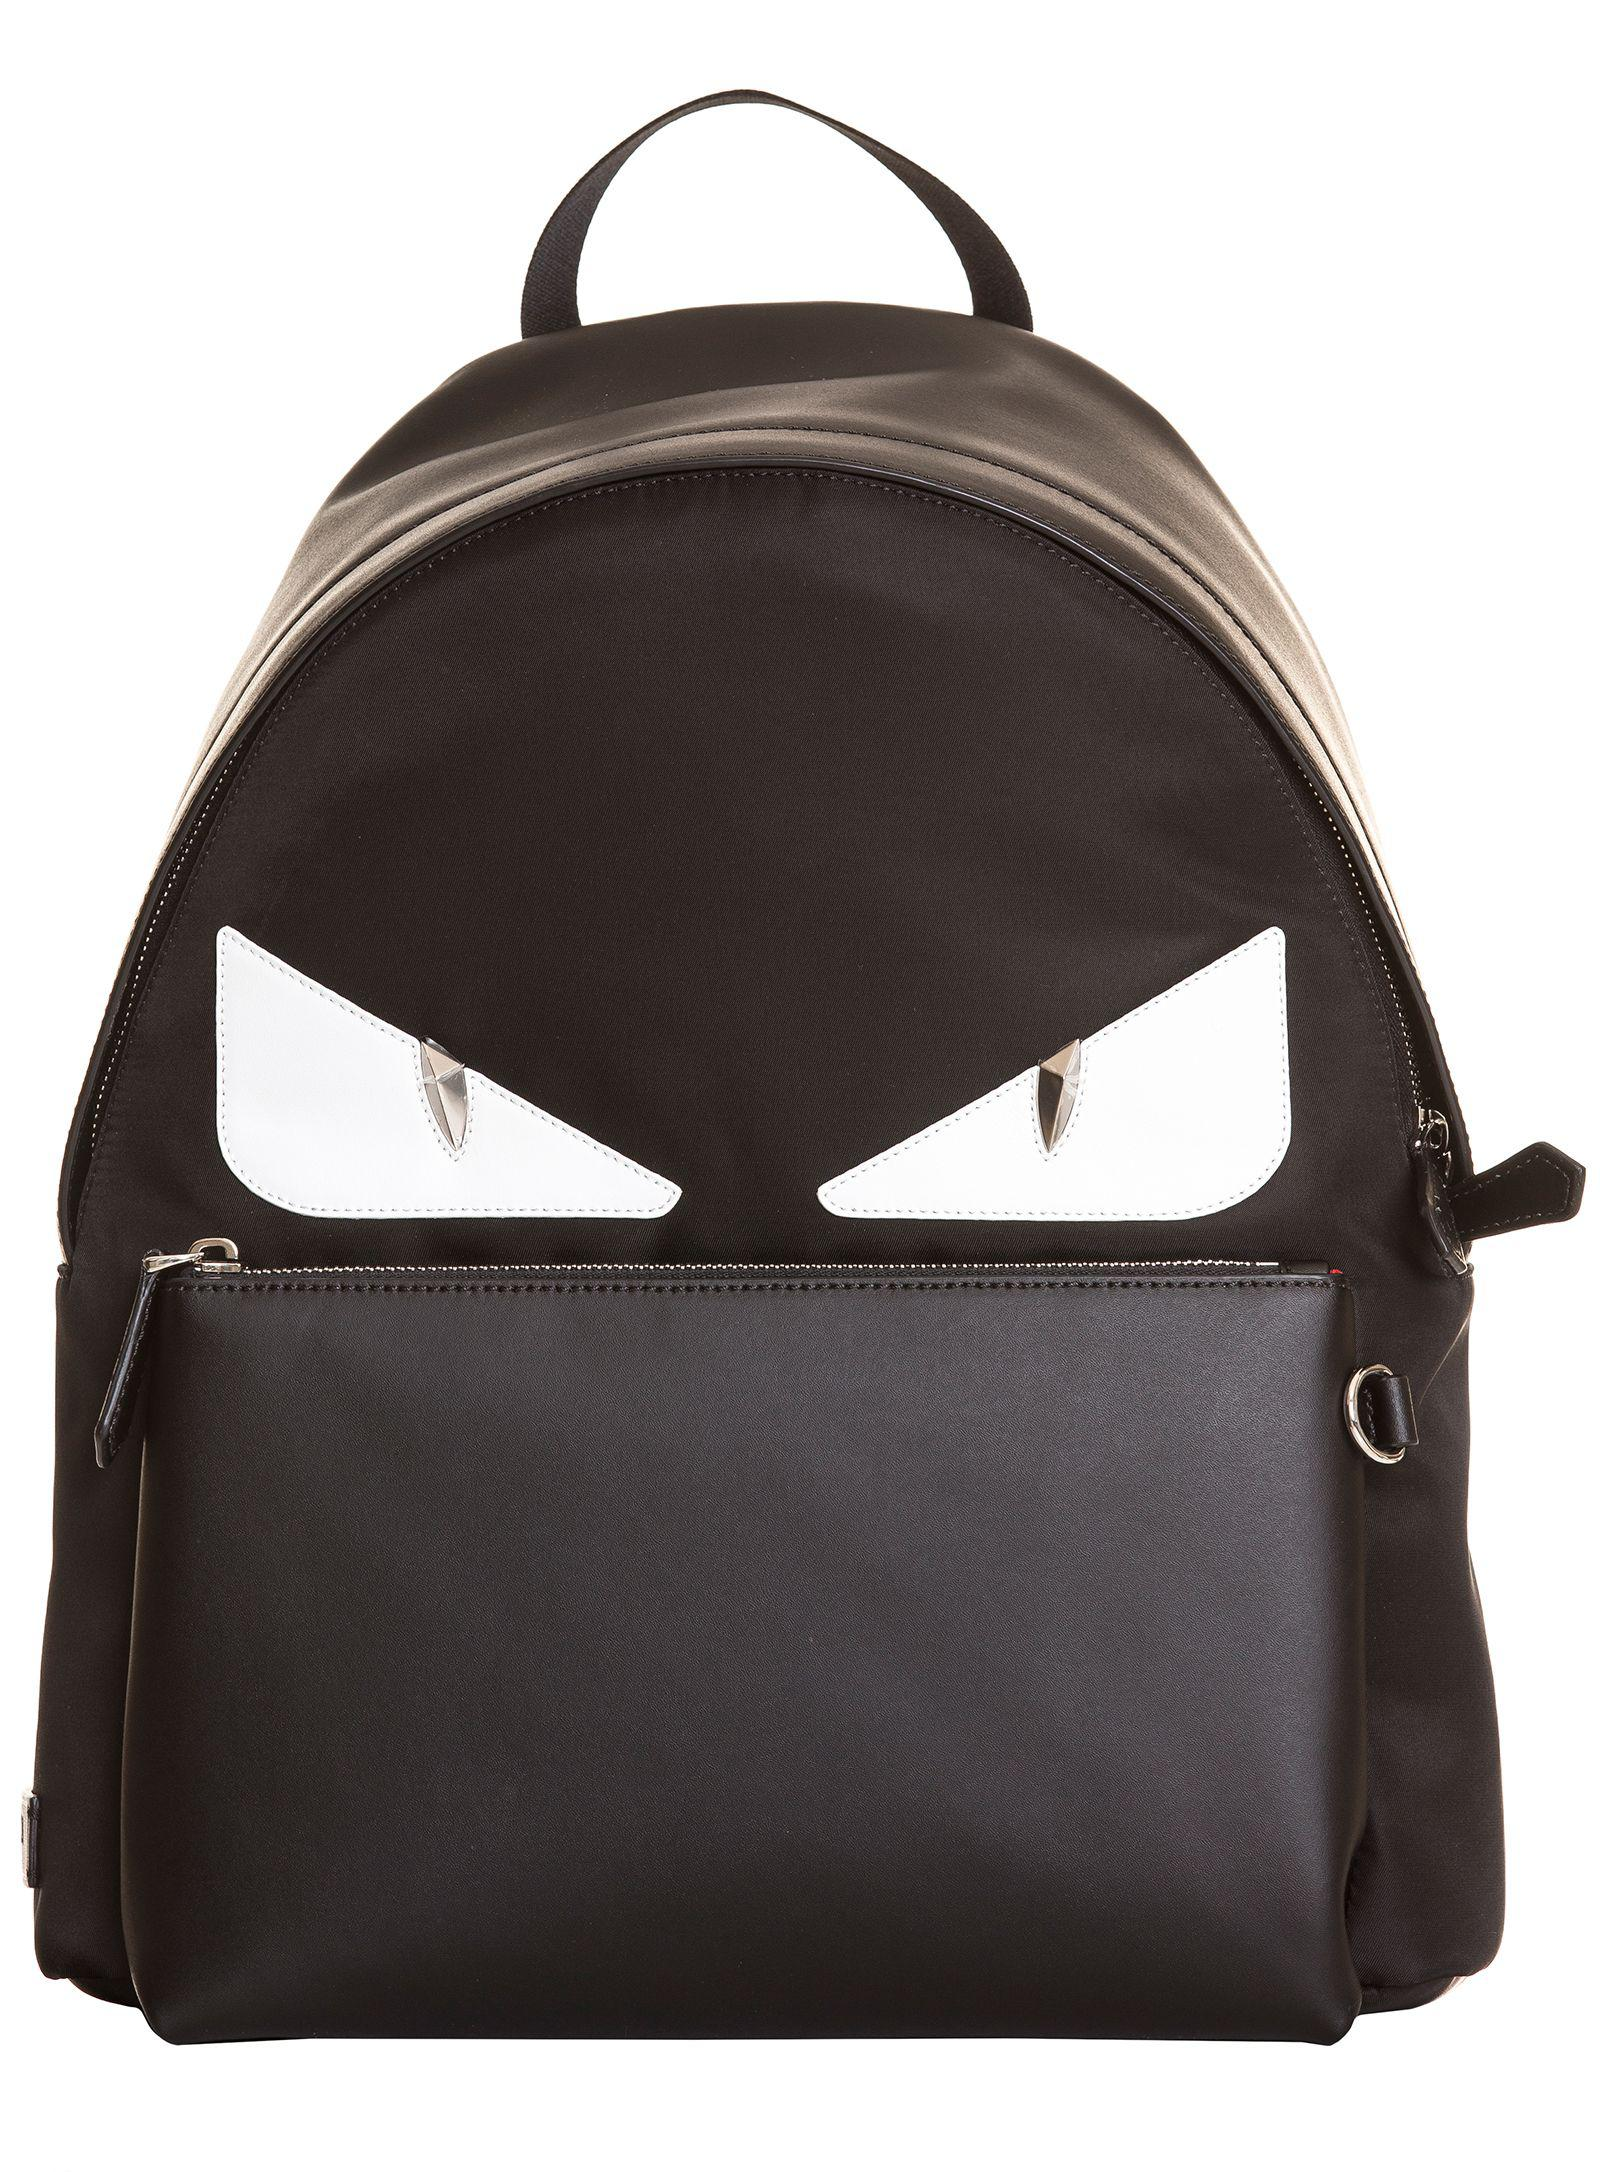 Fendi - Men s Black Leather Backpack for Men - Lyst. View fullscreen 8323cb5a9fac